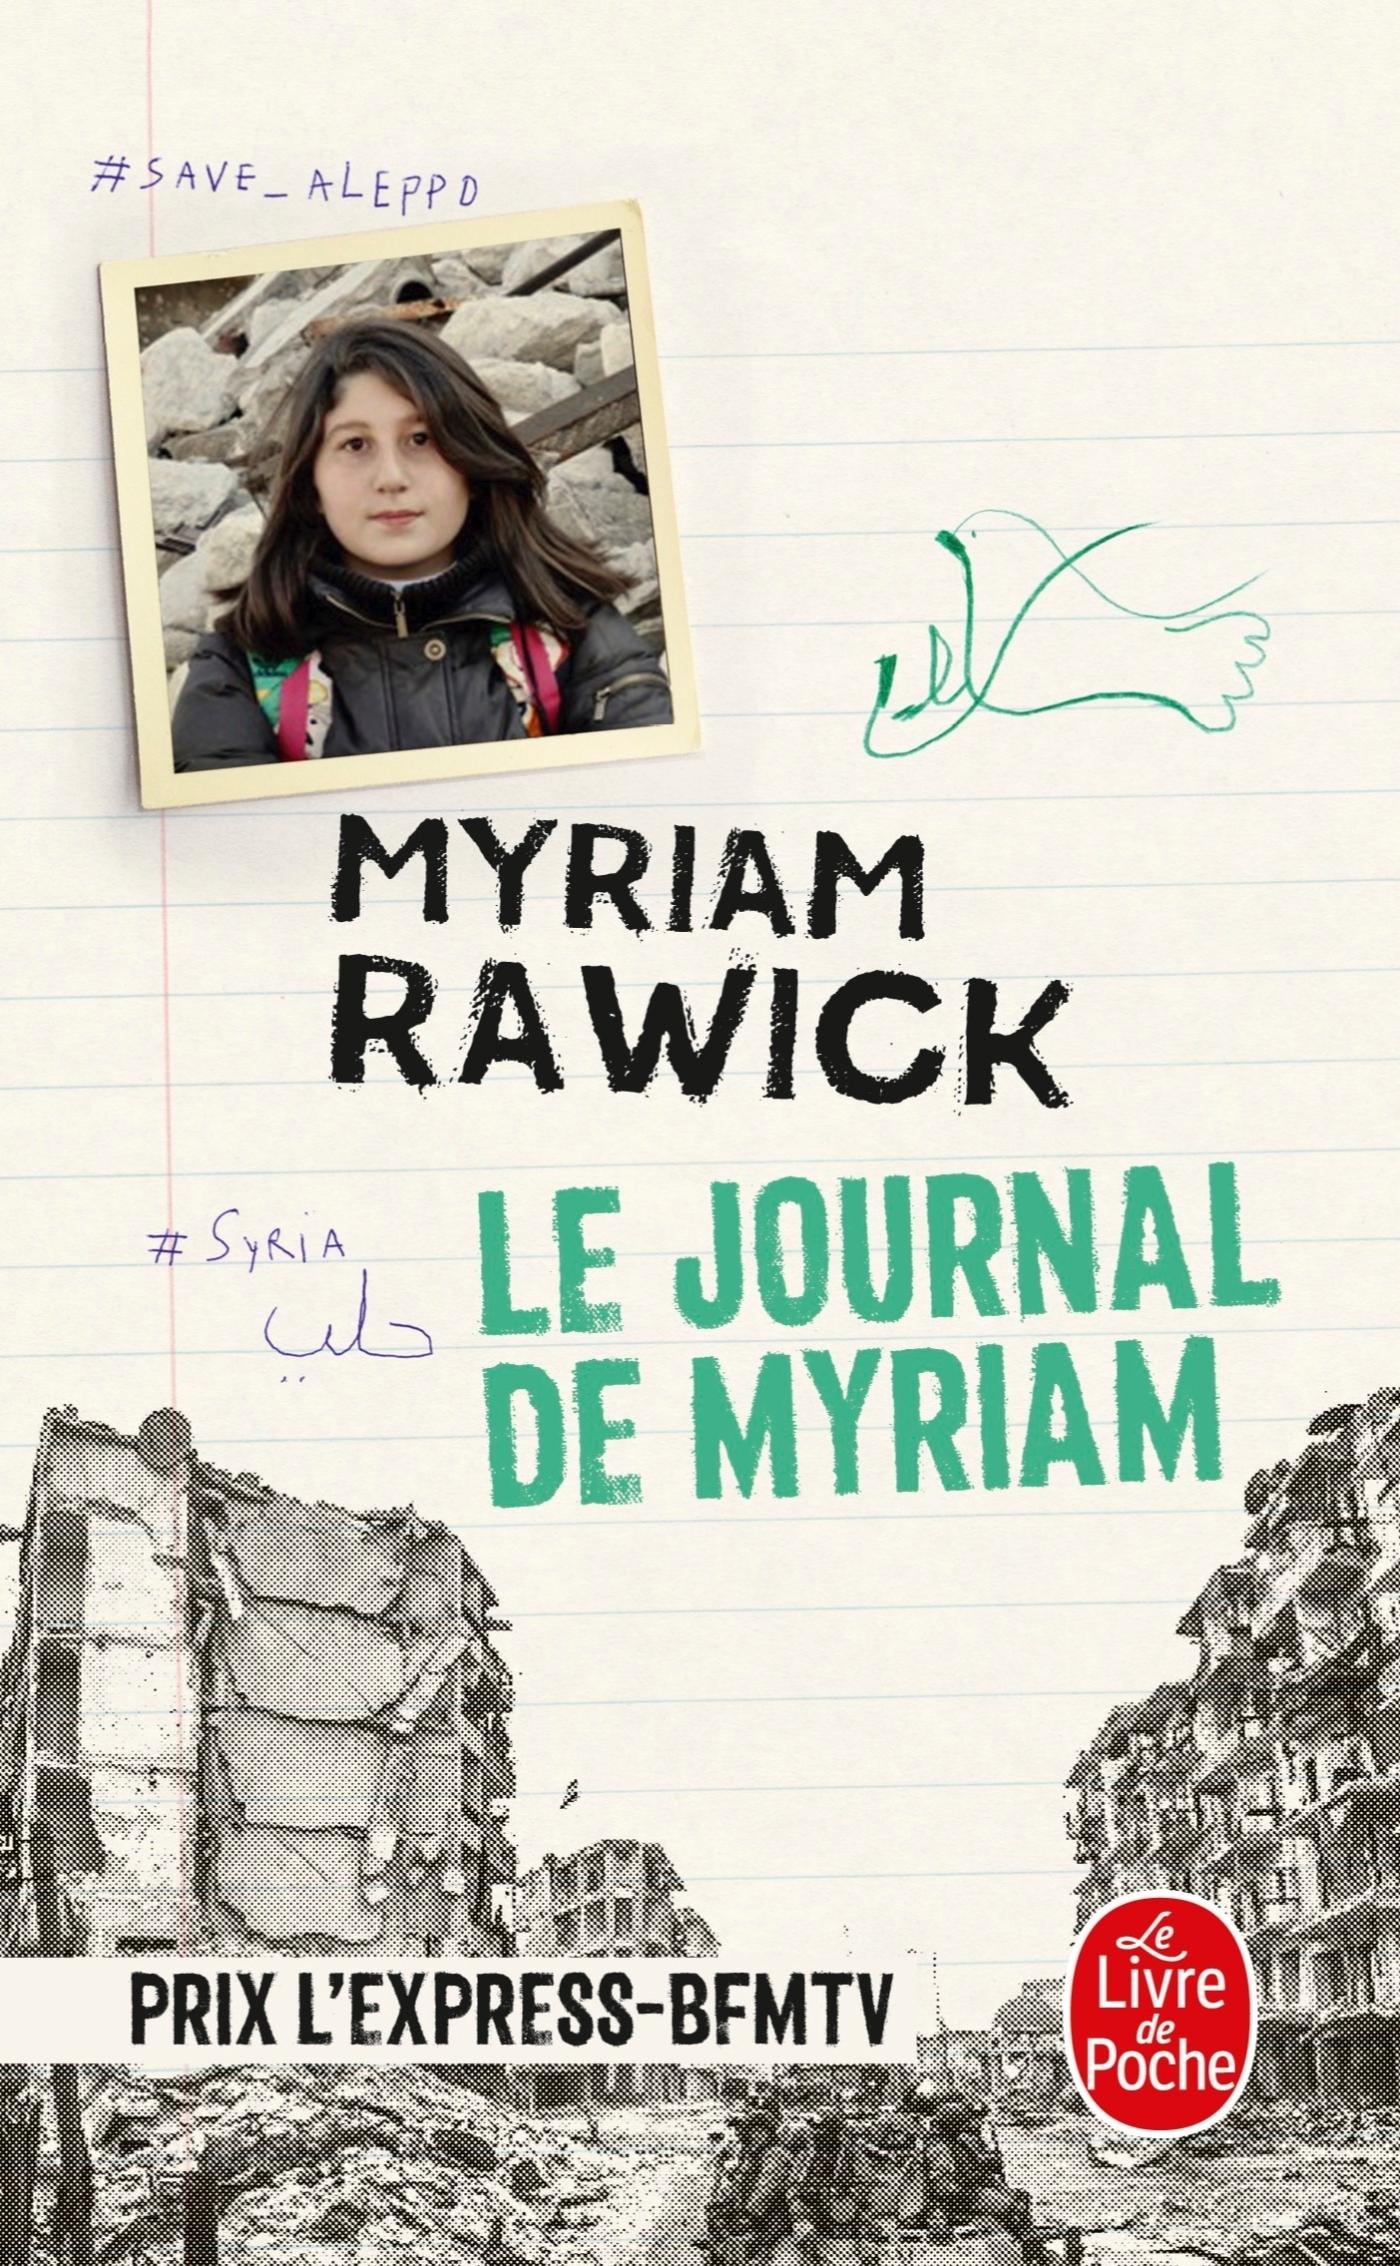 LE JOURNAL DE MYRIAM